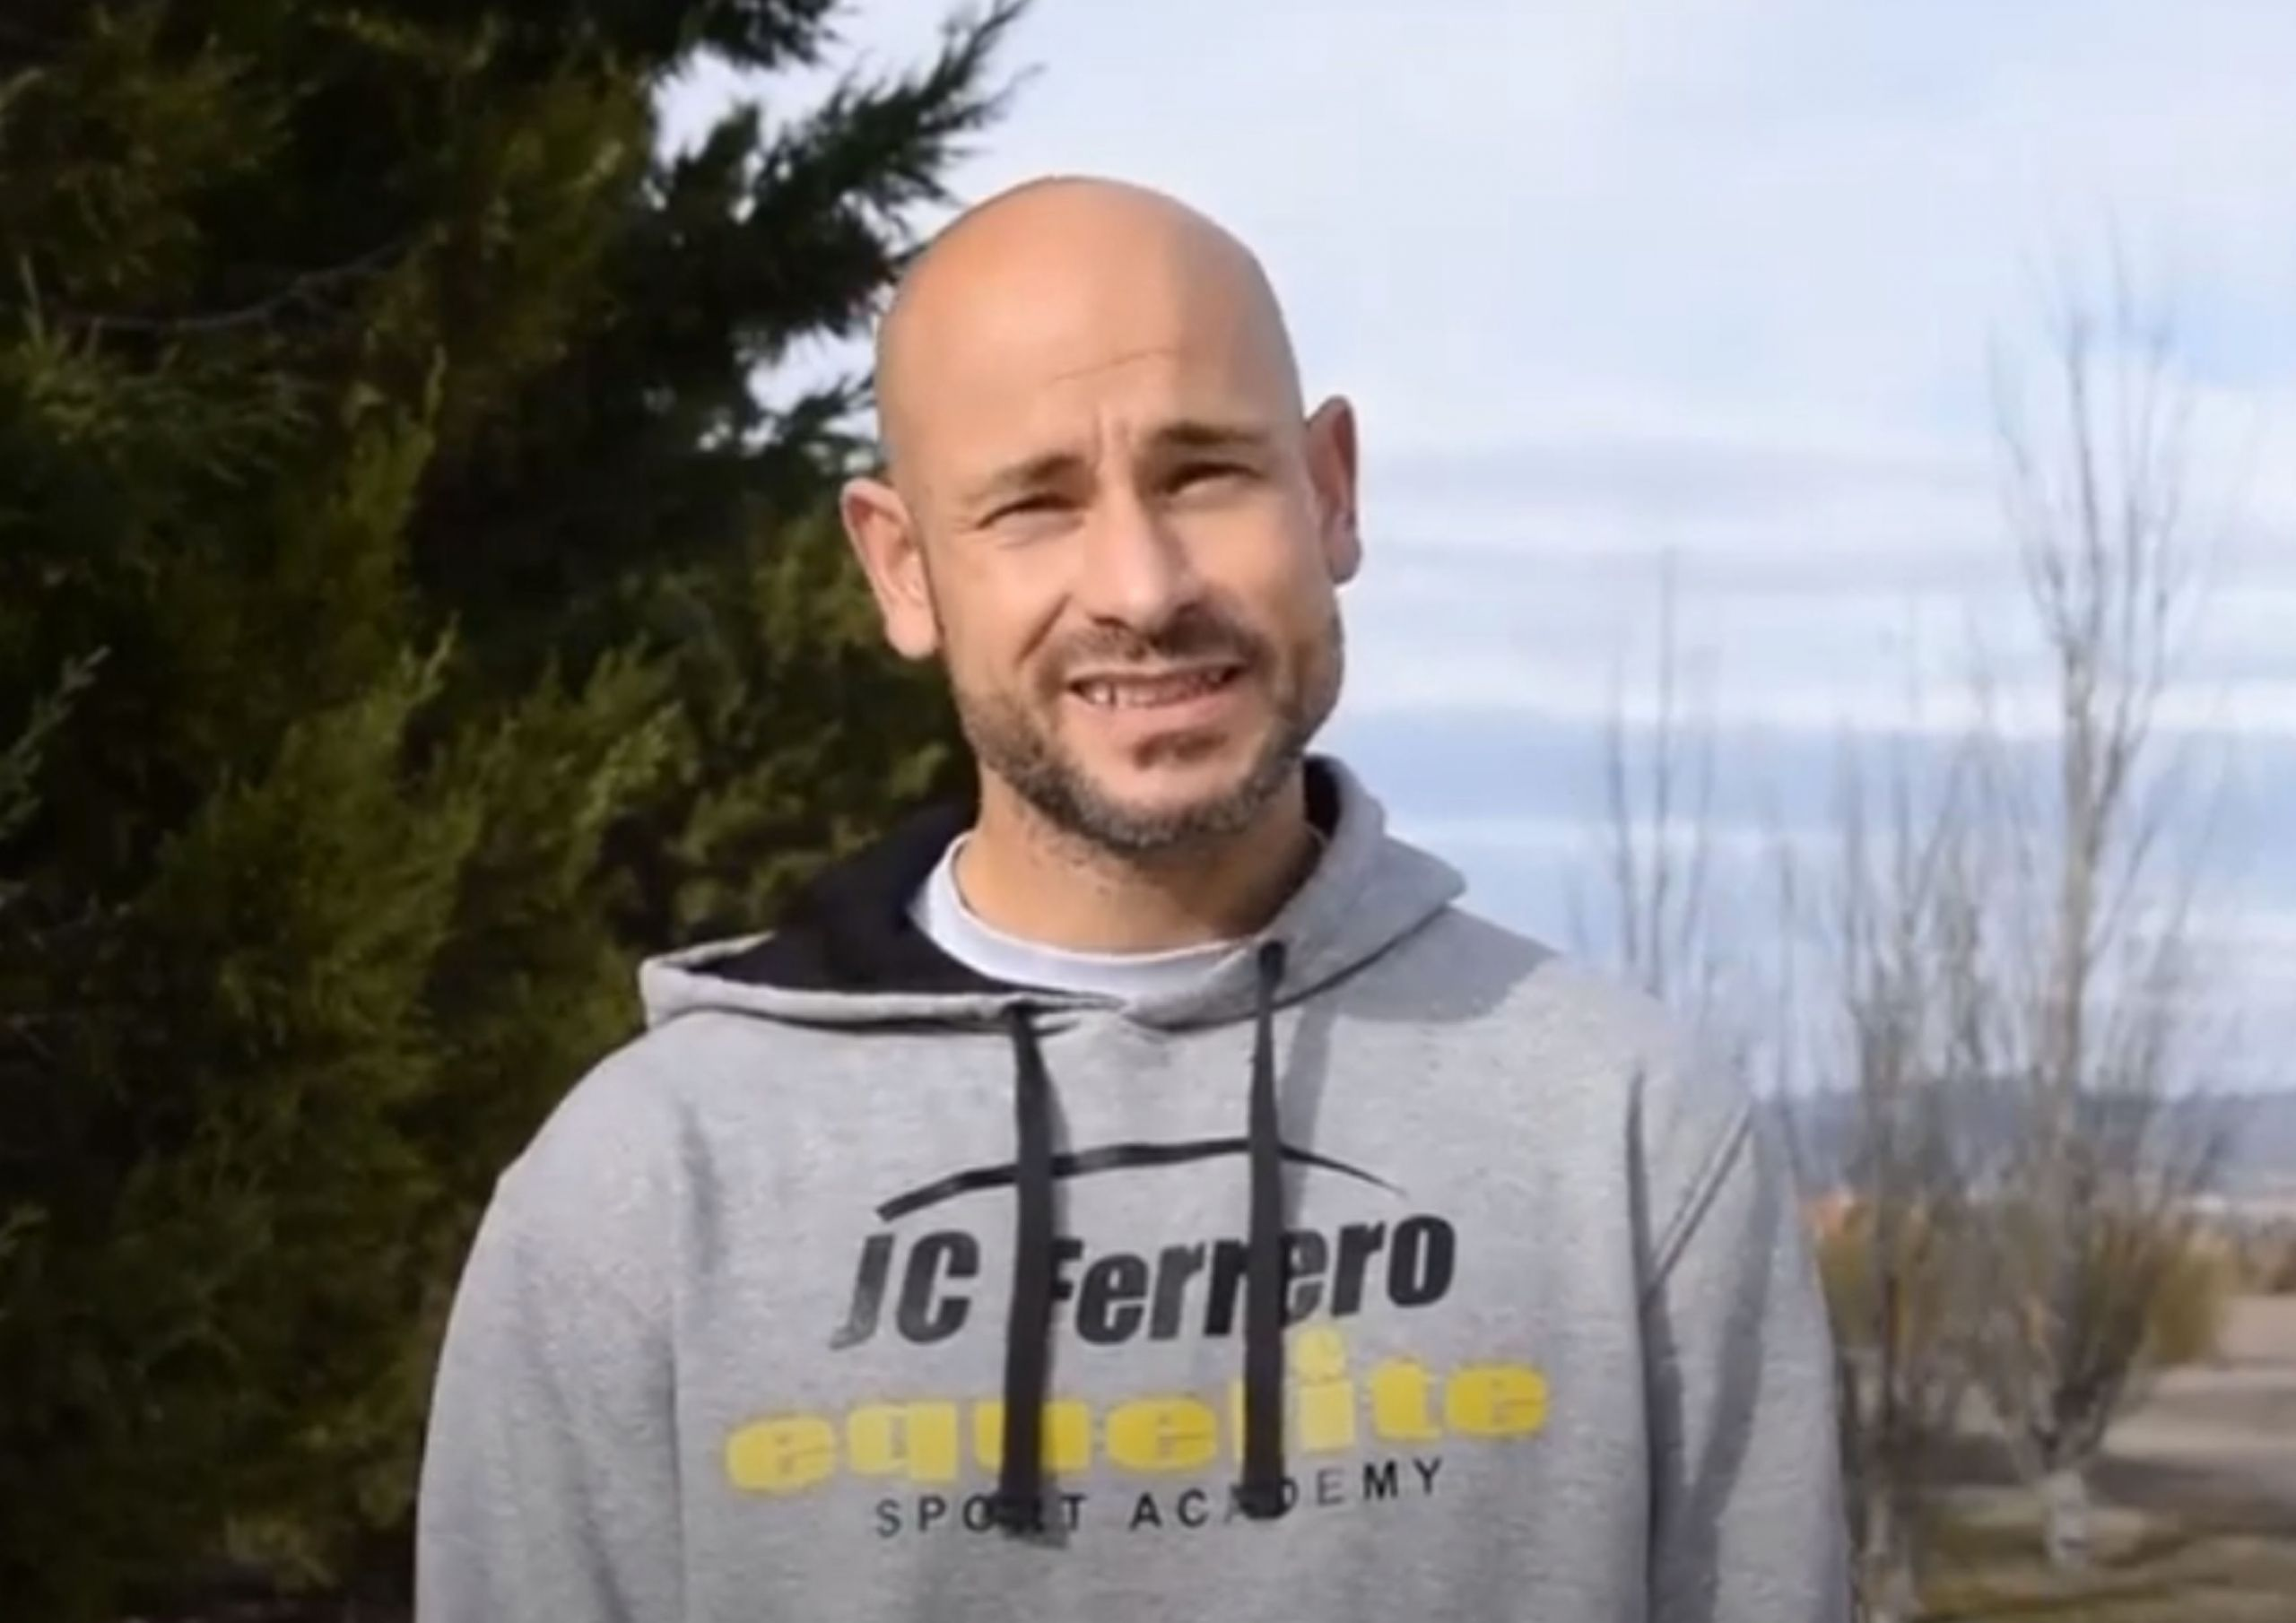 10 En pista – Ejercicios físicos con Alberto Lledó